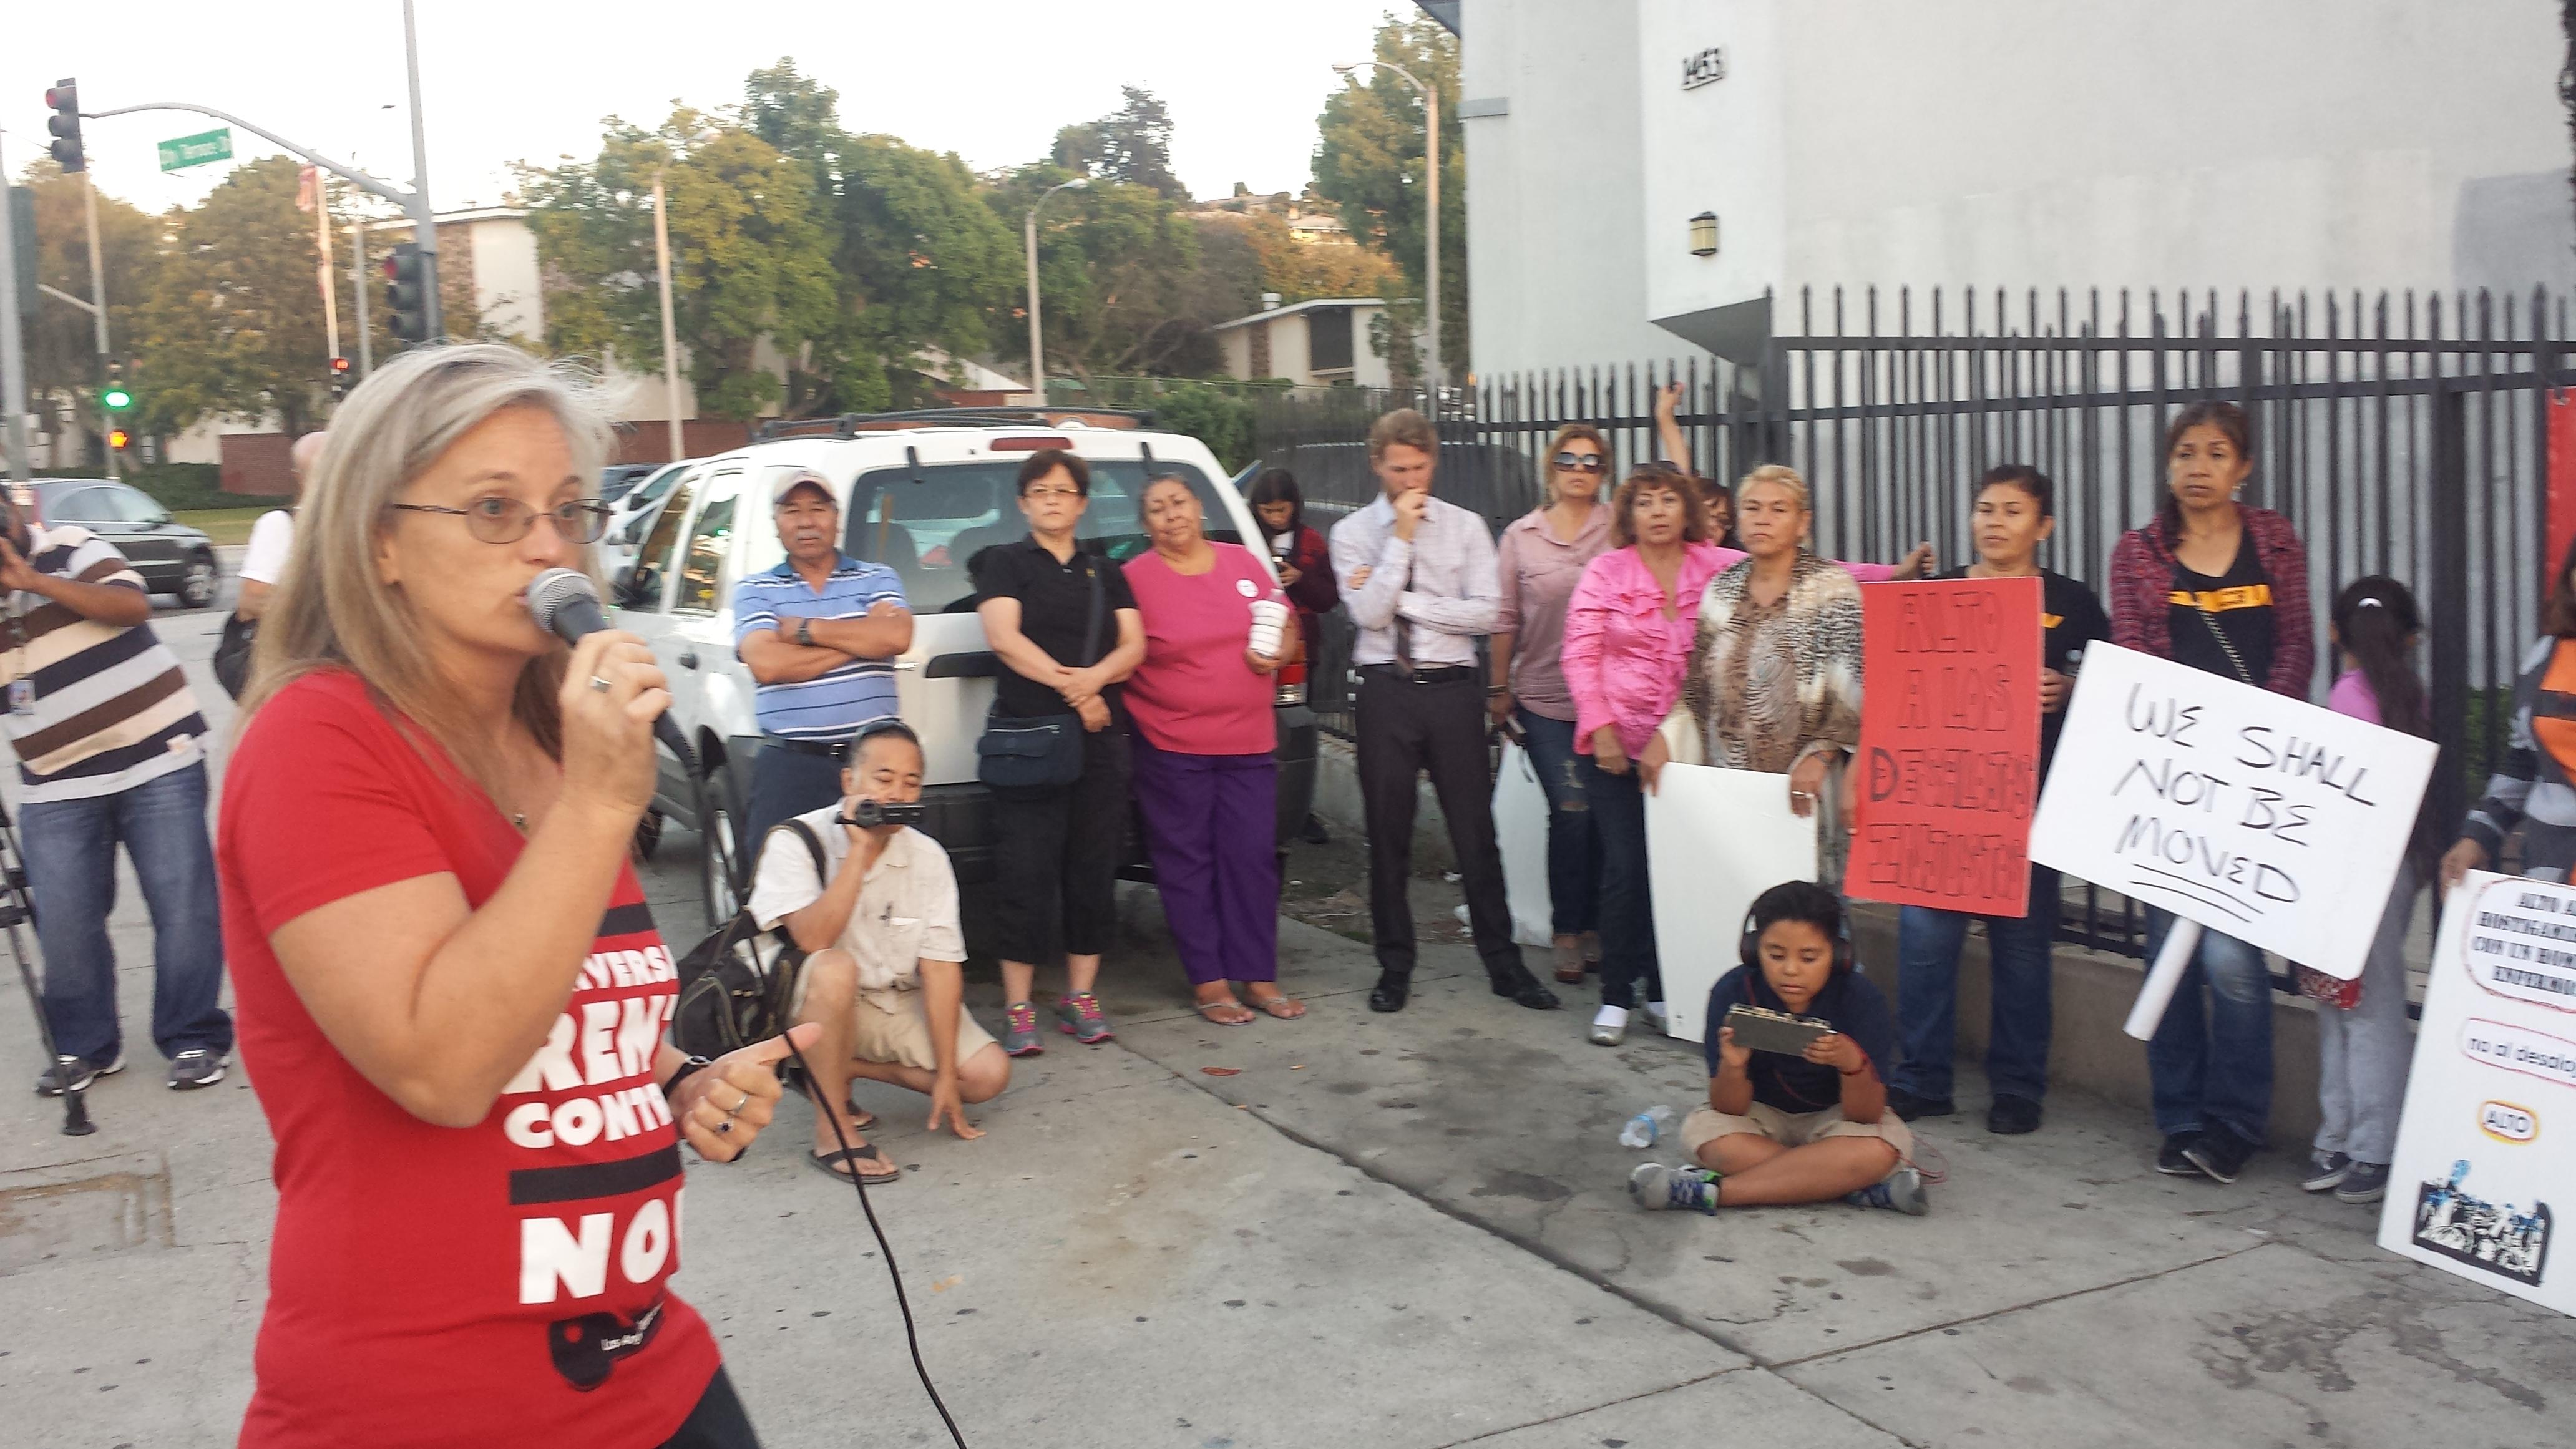 Elizabeth Blaney, directiva de Inquilinos Unidos se dirige a vecinos y activistas pro vivienda justa. Foto: Rubén Tapia.